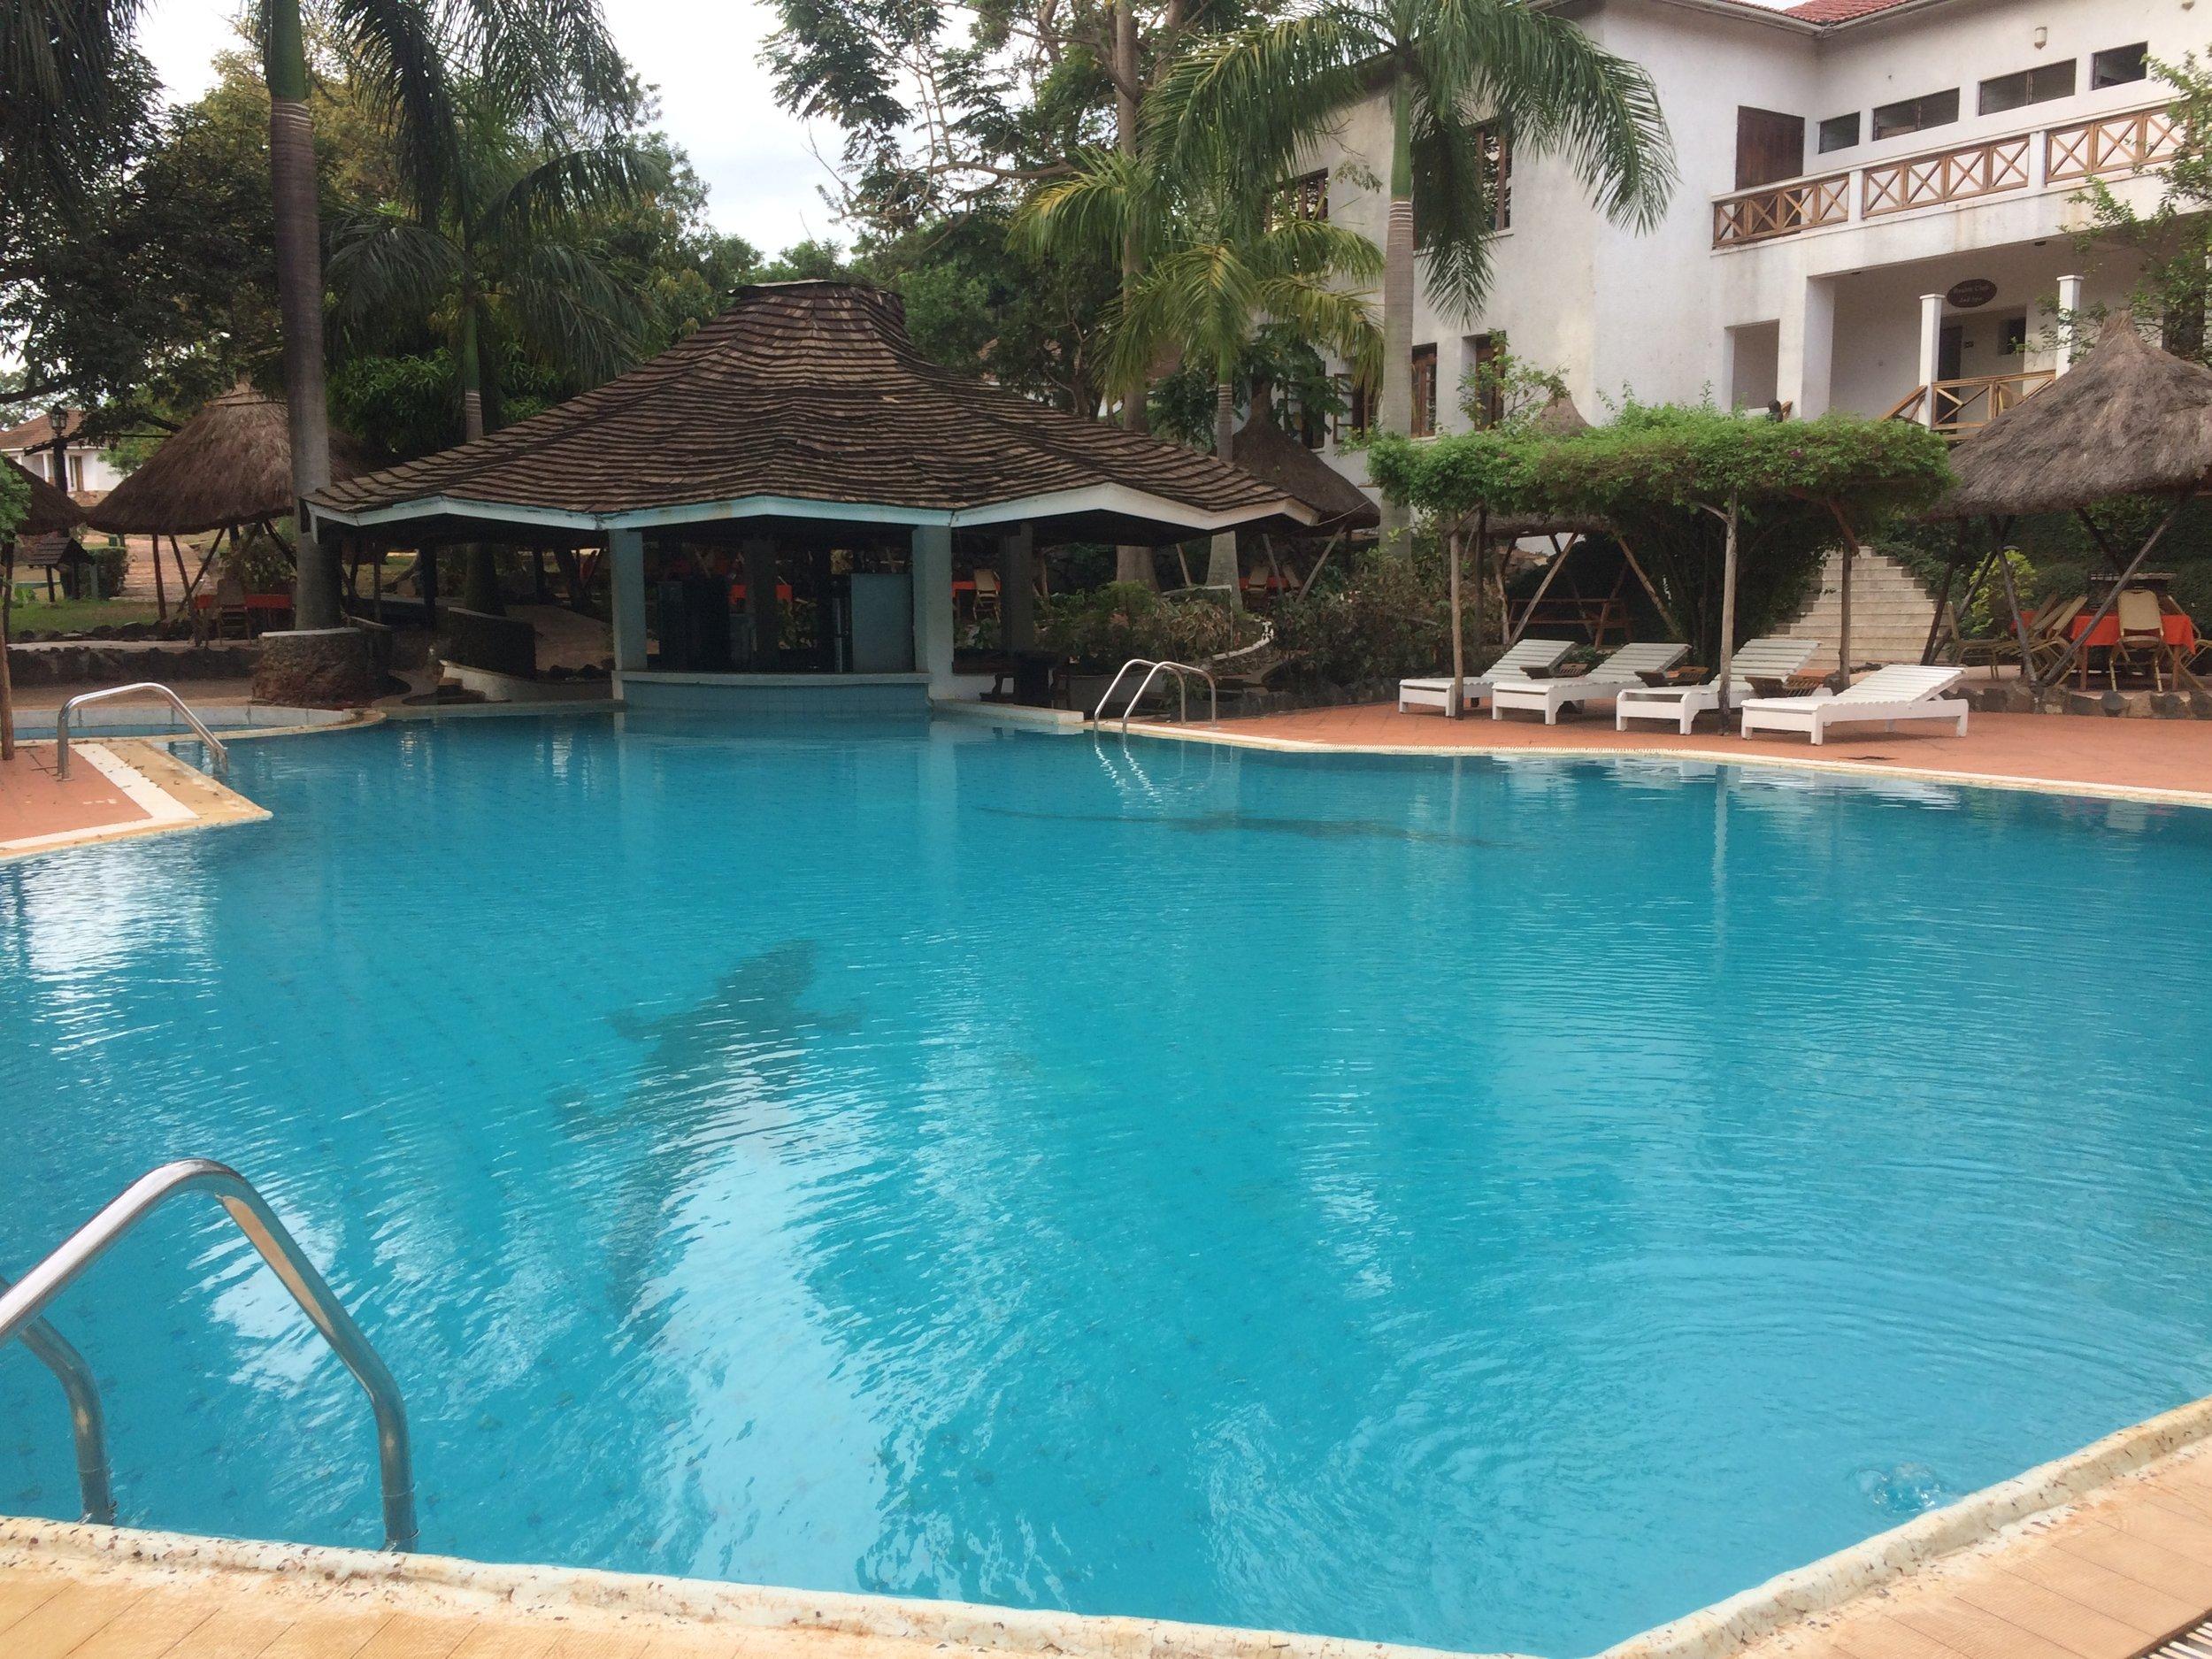 Pool in Uganda ©Flyga Twiga LLC